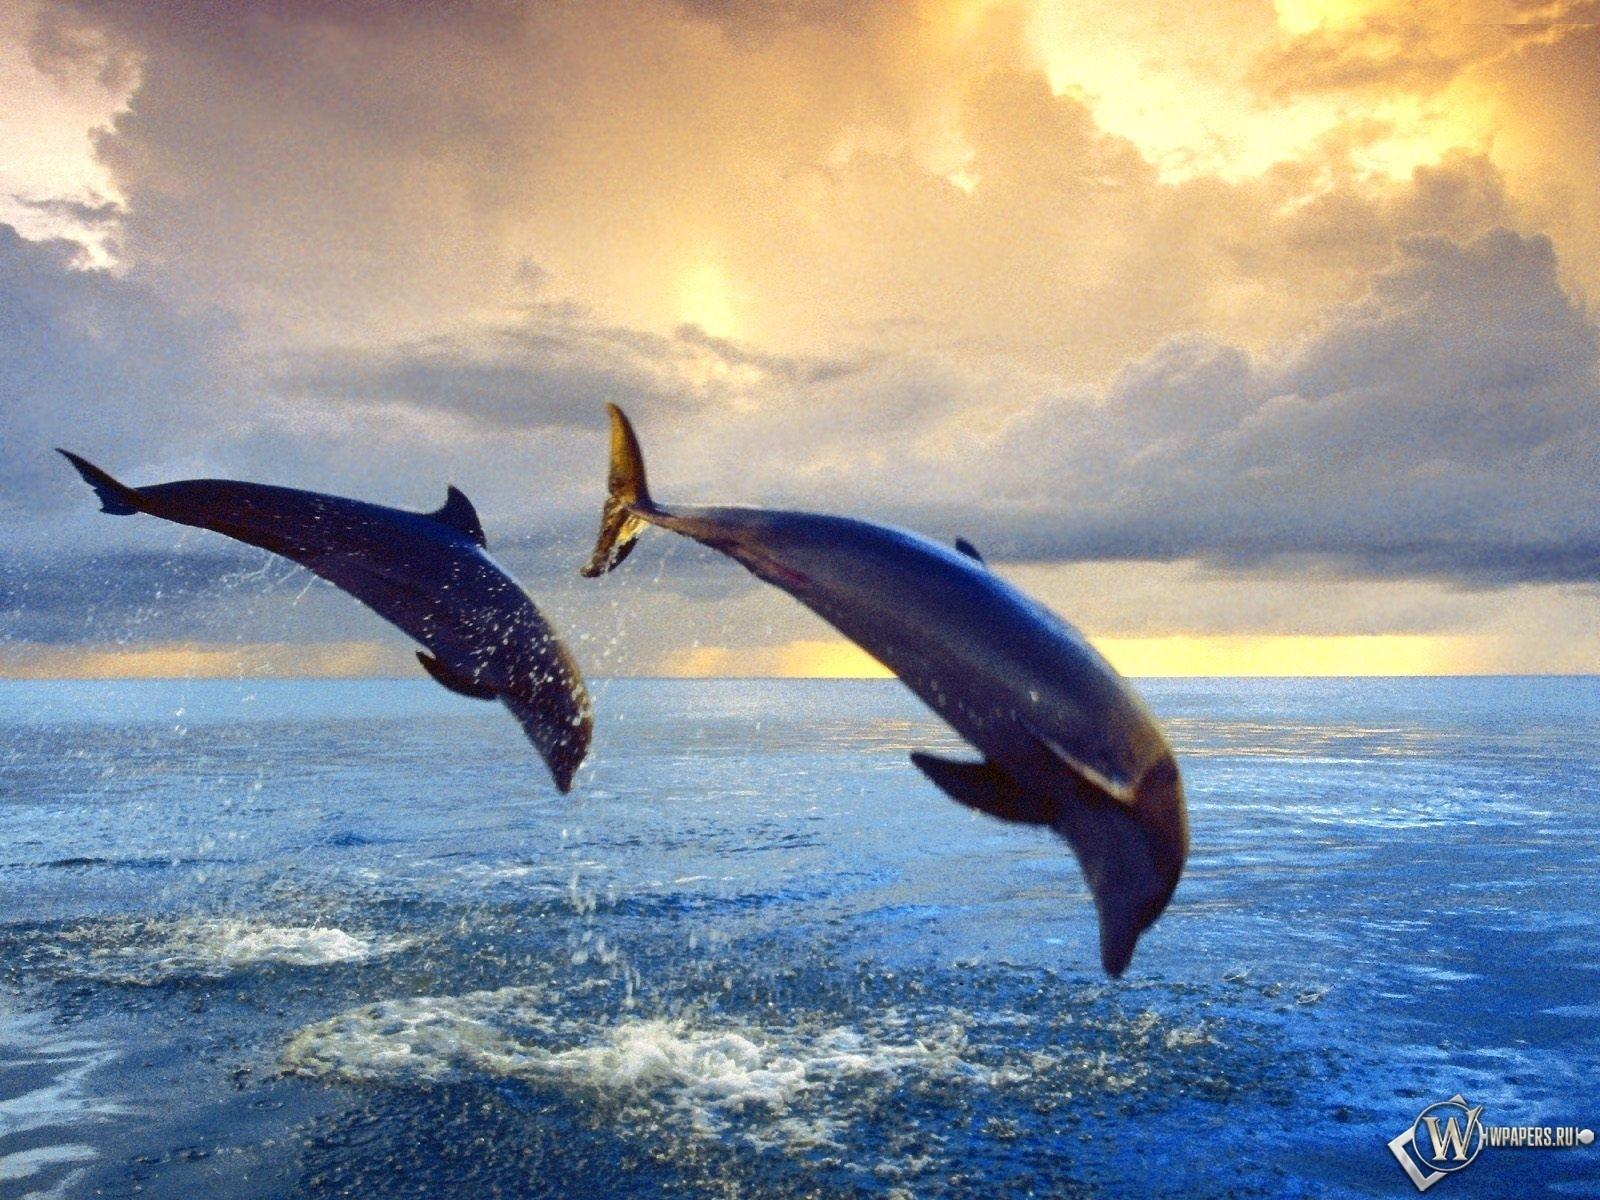 Дельфины в прыжке 1600x1200